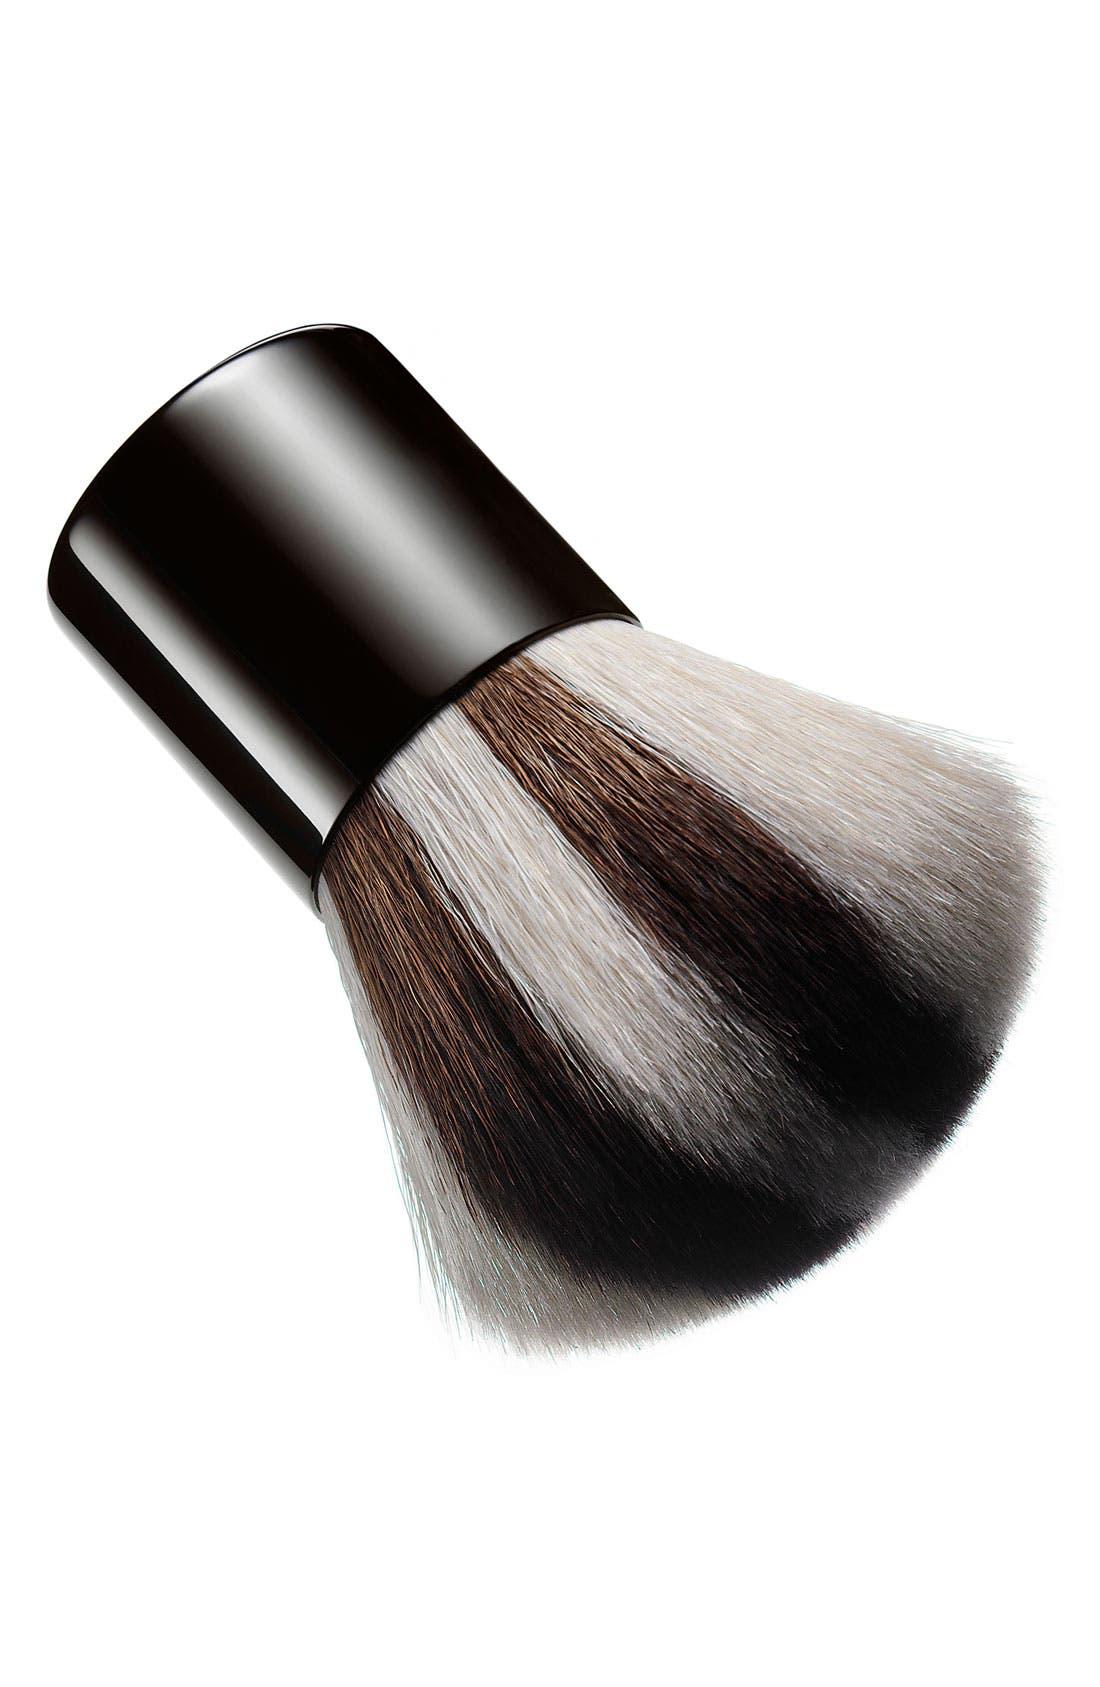 Zebra Kabuki Brush,                             Main thumbnail 1, color,                             NO COLOR